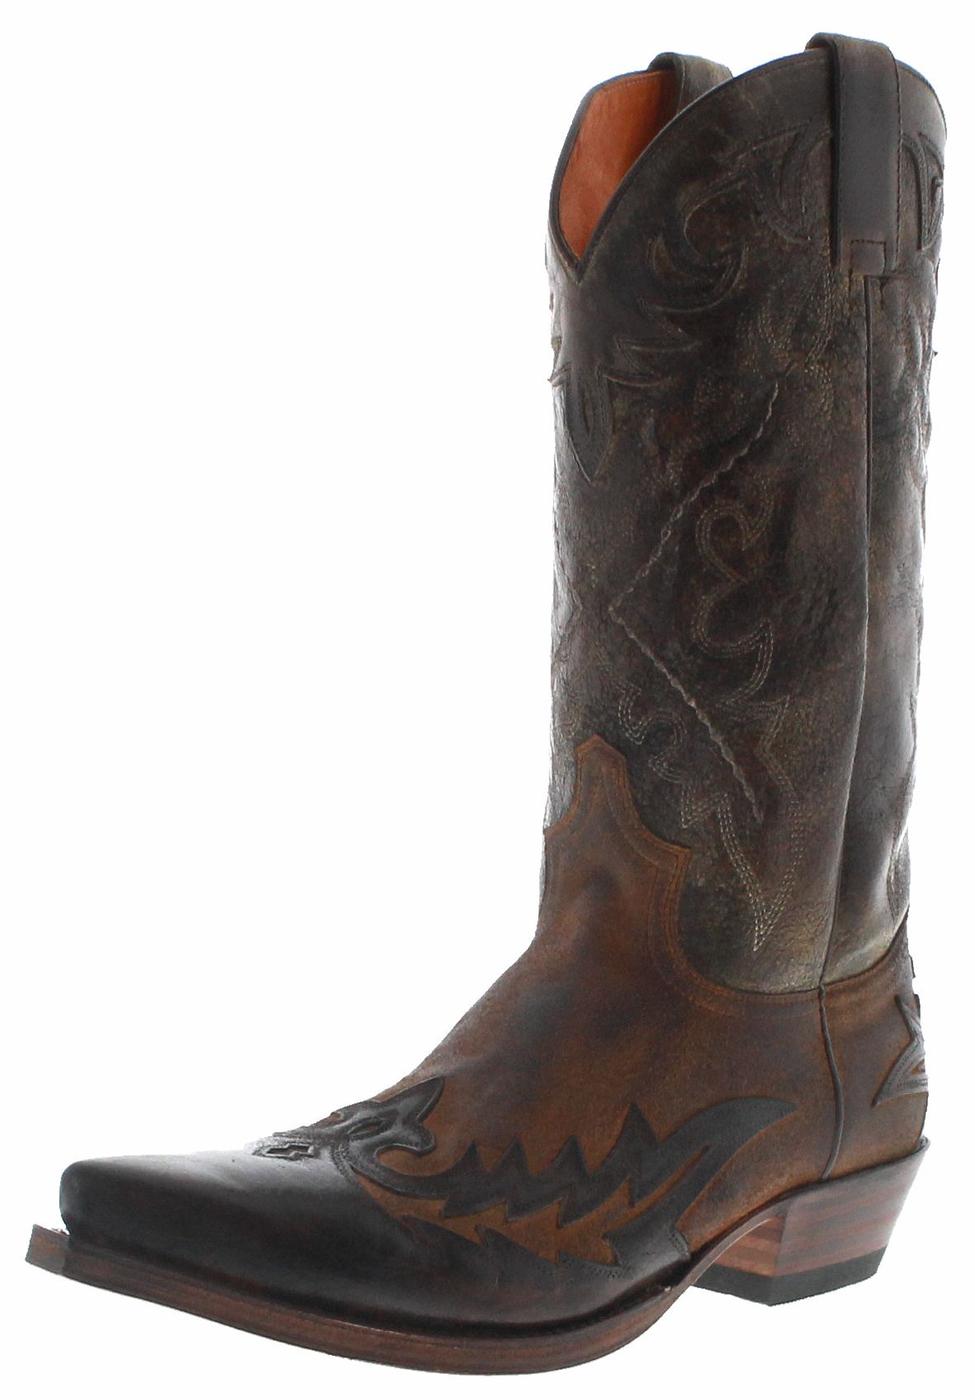 Sendra Boots 9669 Quercia Camello Men Western Boots - brown